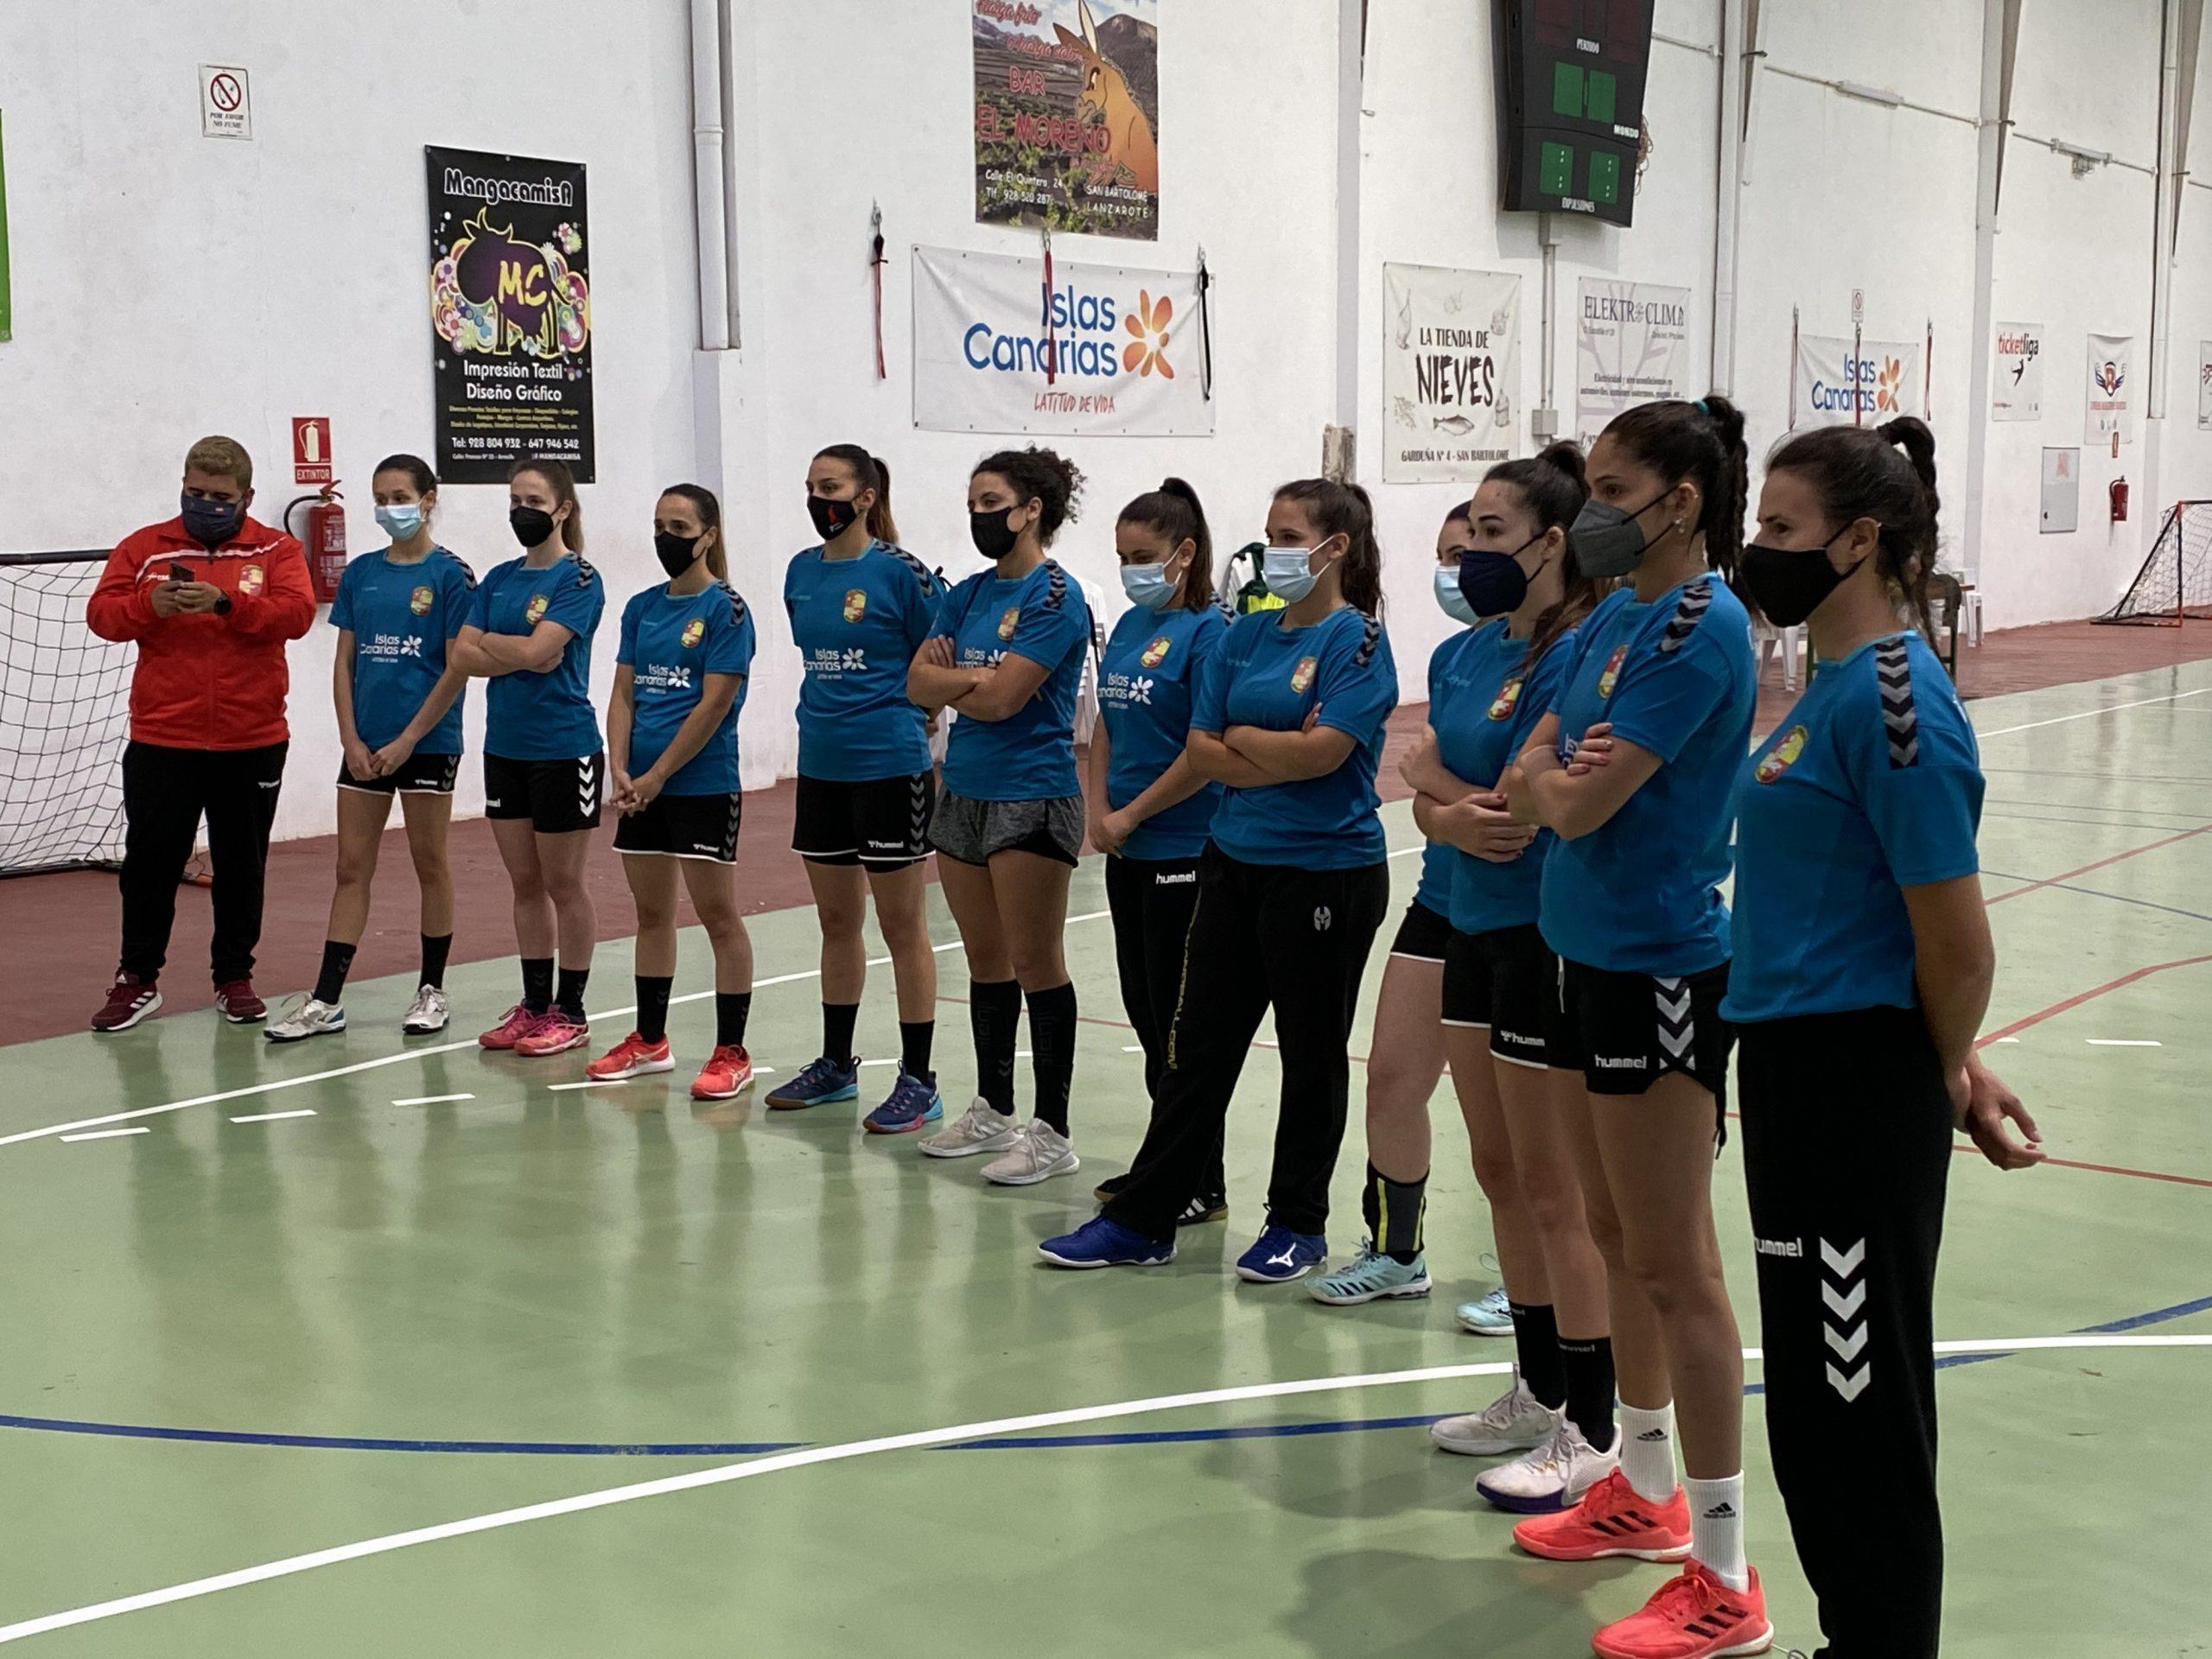 El alcalde de San Bartolomé reconoce al equipo senior femenino del Club de Balonmano Zonzamas y les da ánimo para alzarse con la copa de la División Honor Plata Femenina